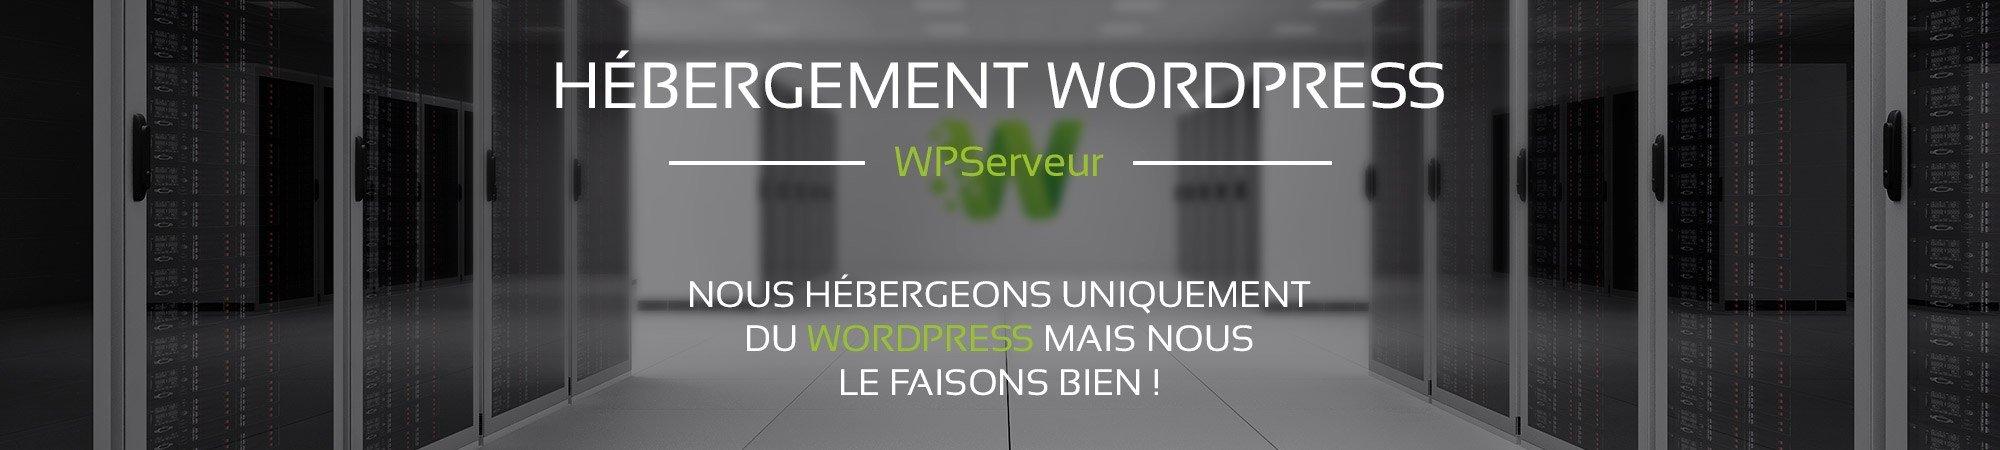 header-wpserveur